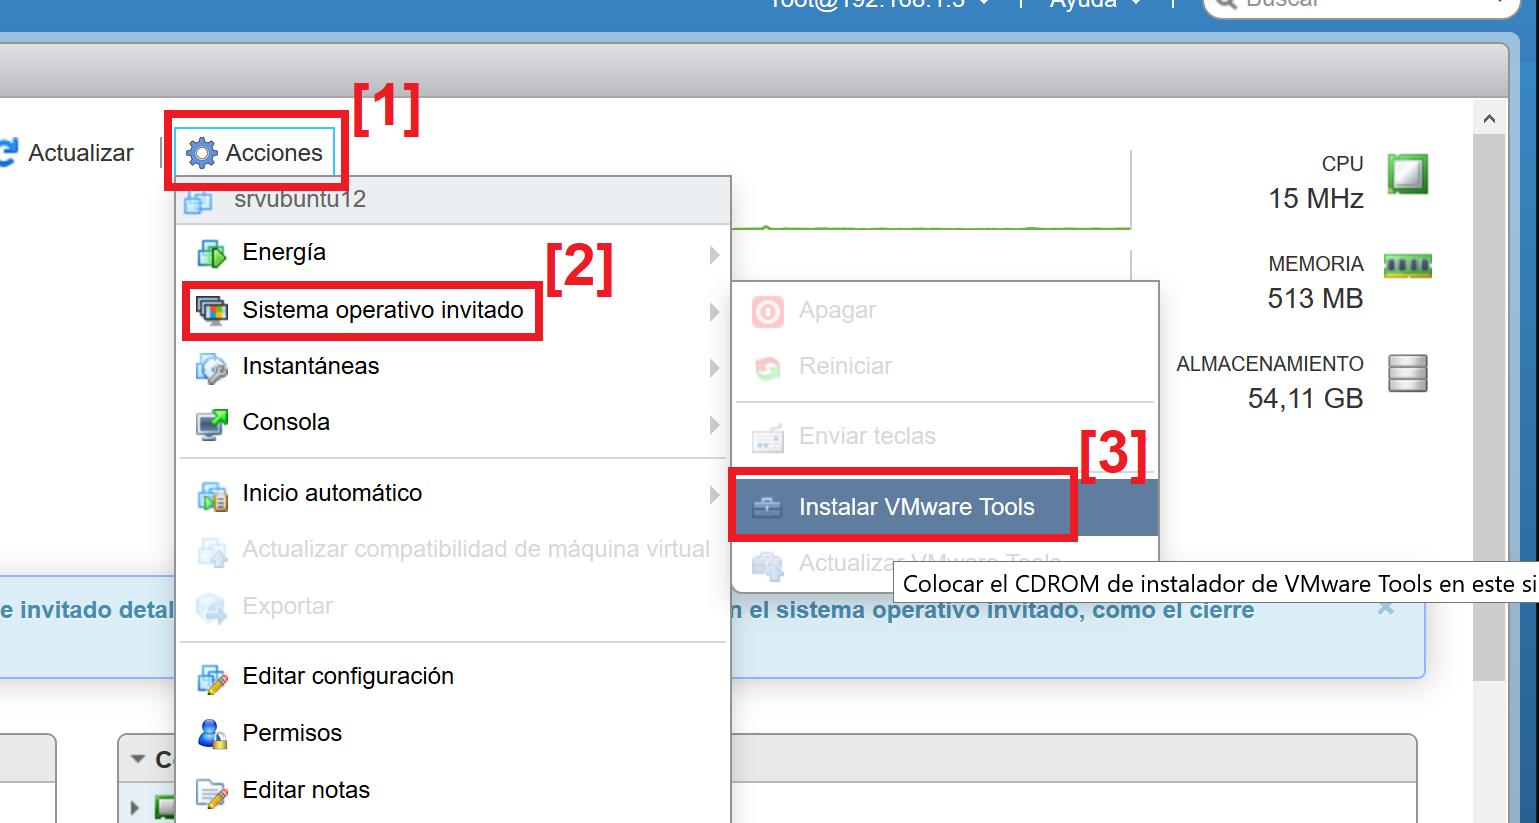 Instalar VMware Tools en máquina virtual con Linux Ubuntu Server 12 sobre VMware ESXi 6.5